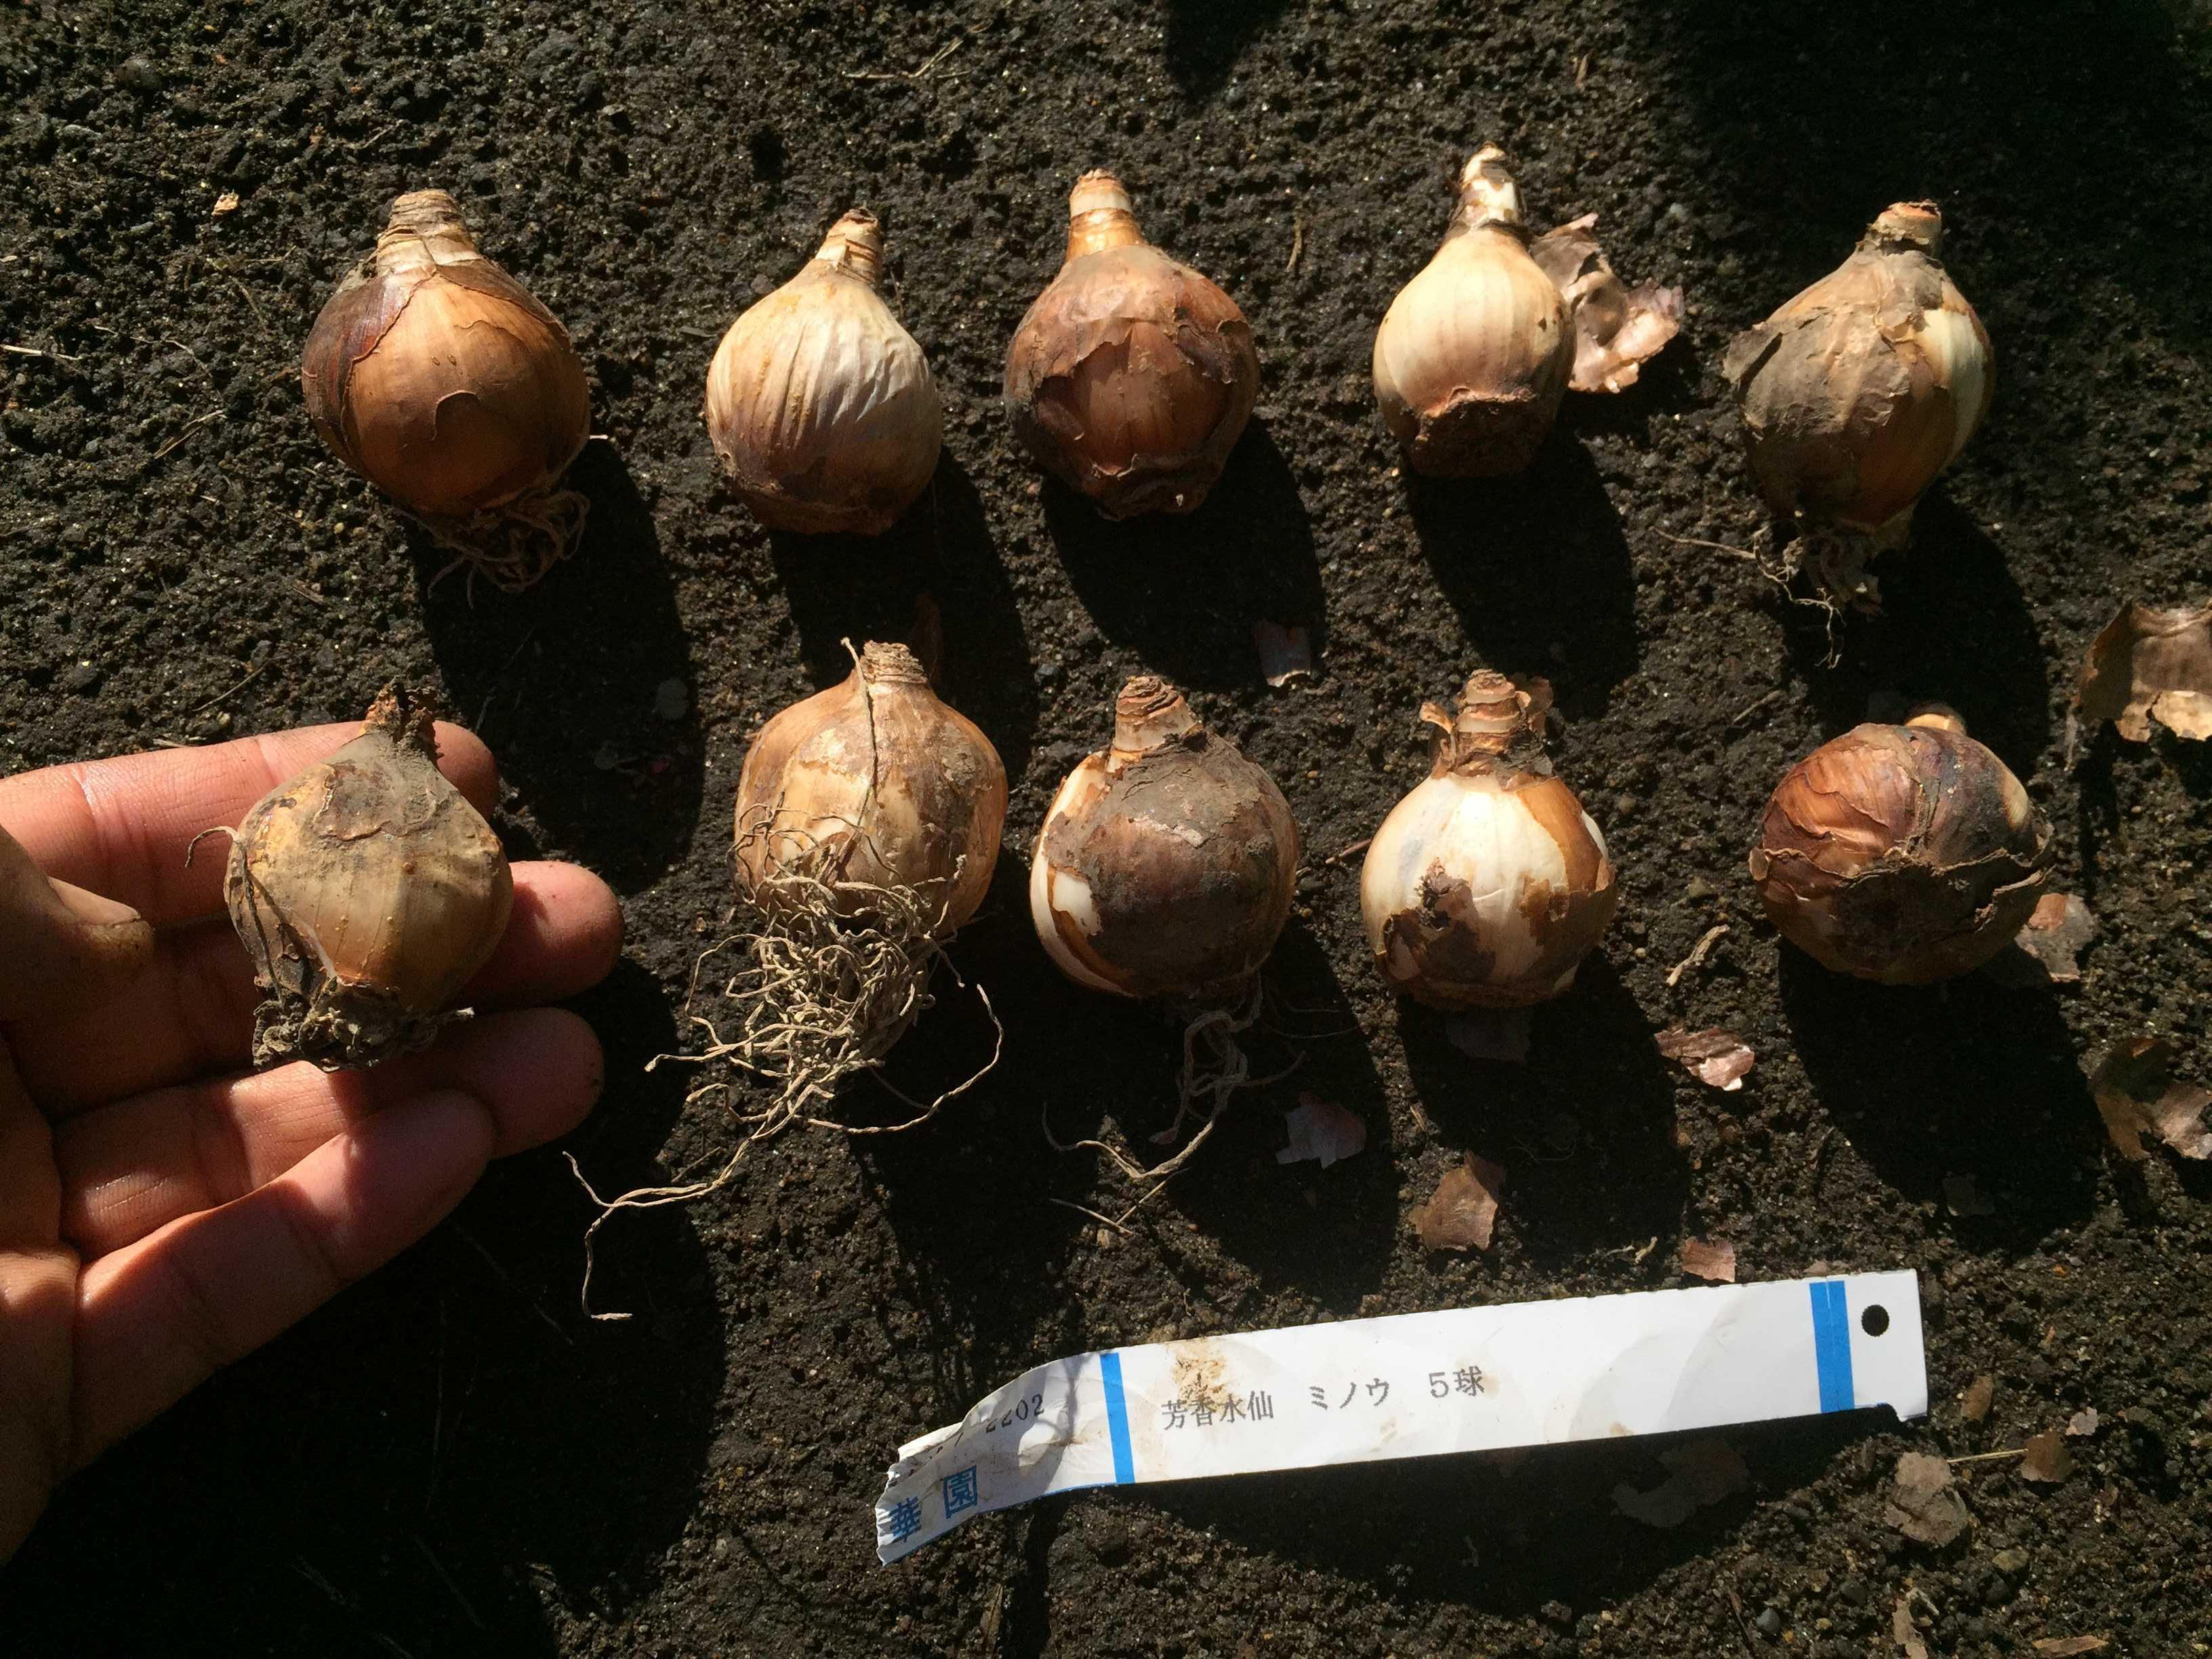 ミノウの球根 - 水仙の球根の植え方